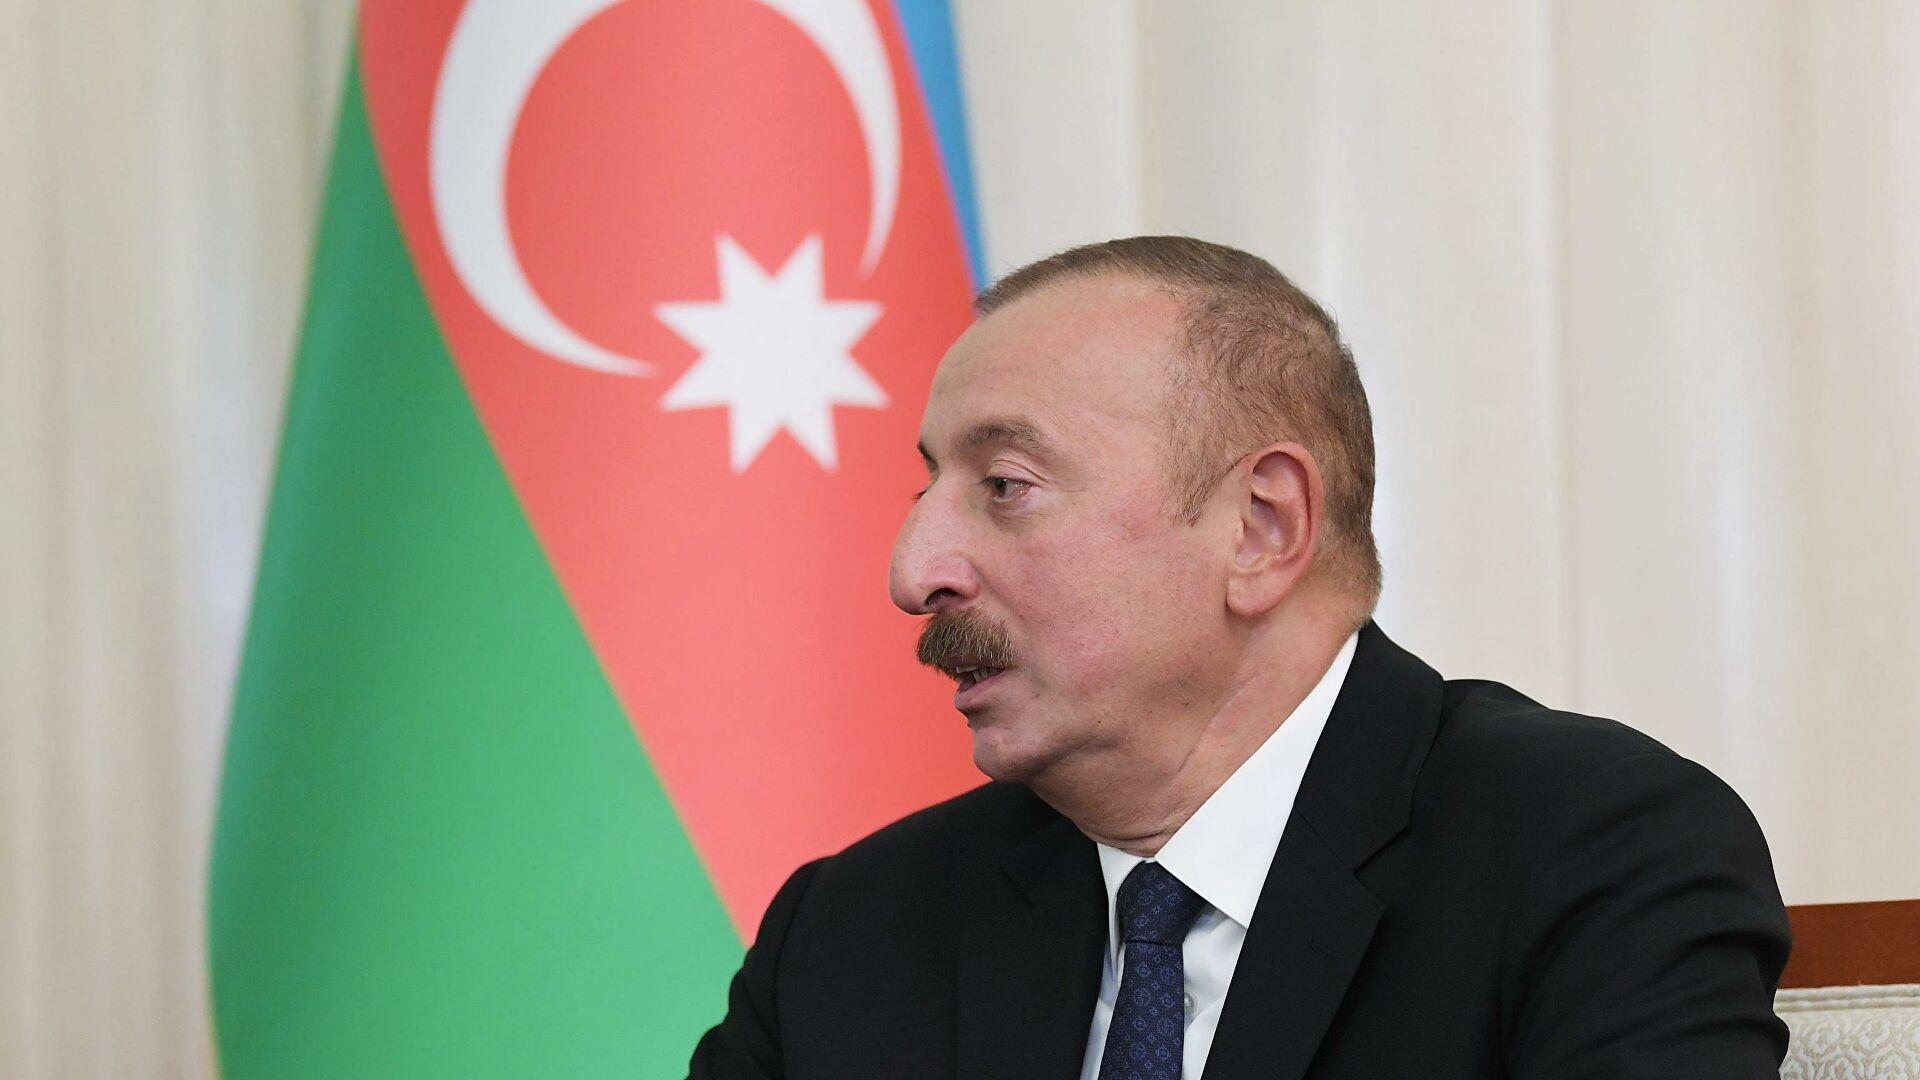 Алијев: Решење сукоба треба да буде засновано на територијалном интегритету Азербејџана